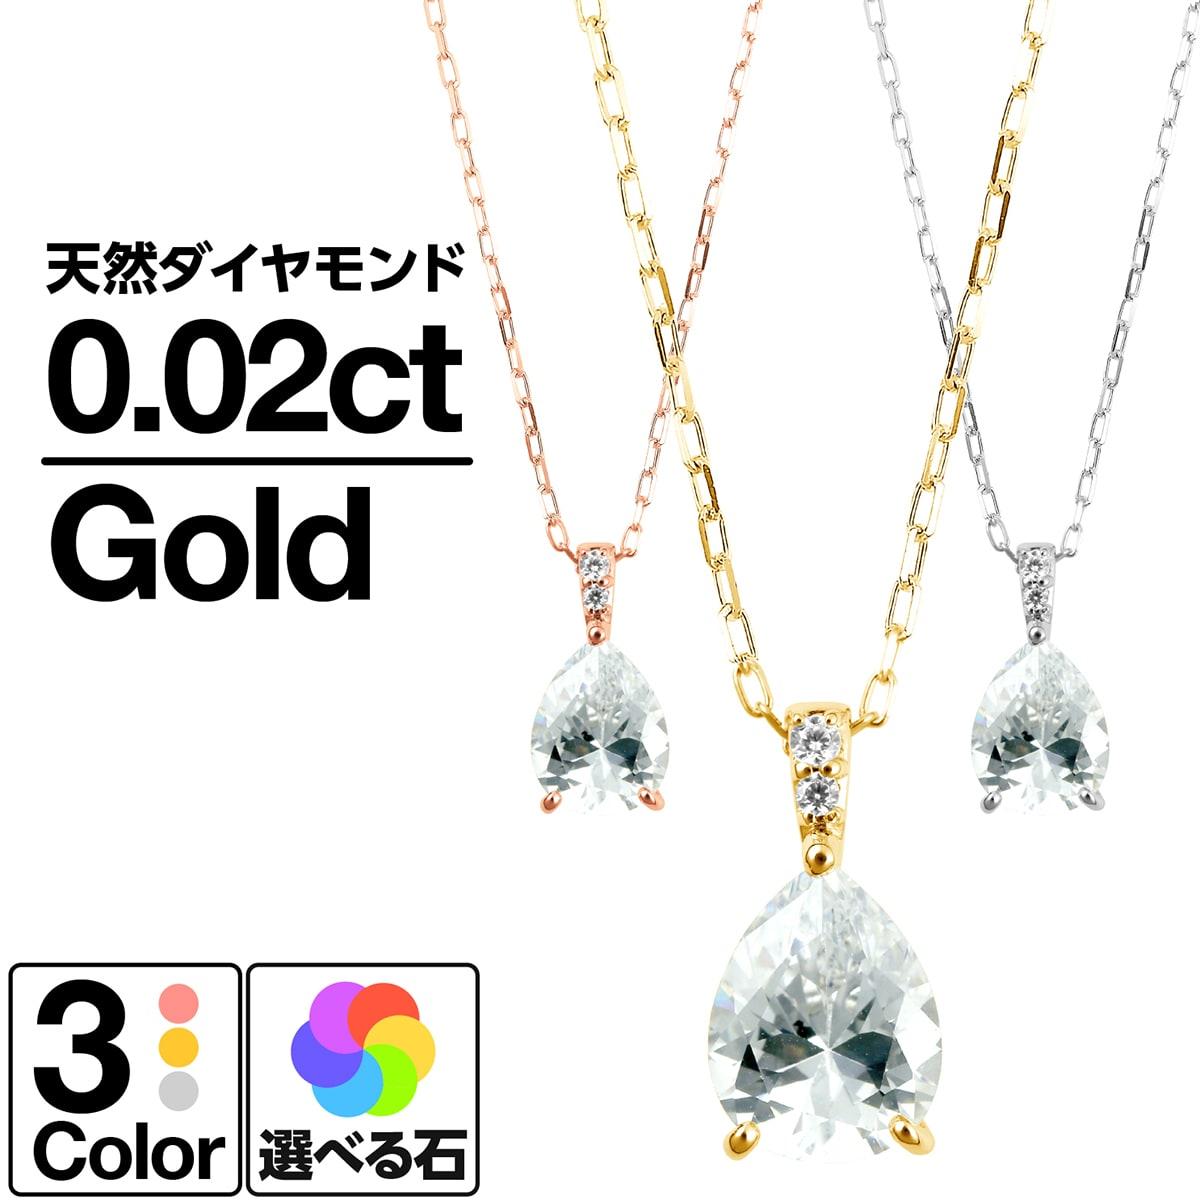 選べるカラーストーン ネックレス k10 イエローゴールド/ホワイトゴールド/ピンクゴールド 品質保証書 金属アレルギー 日本製